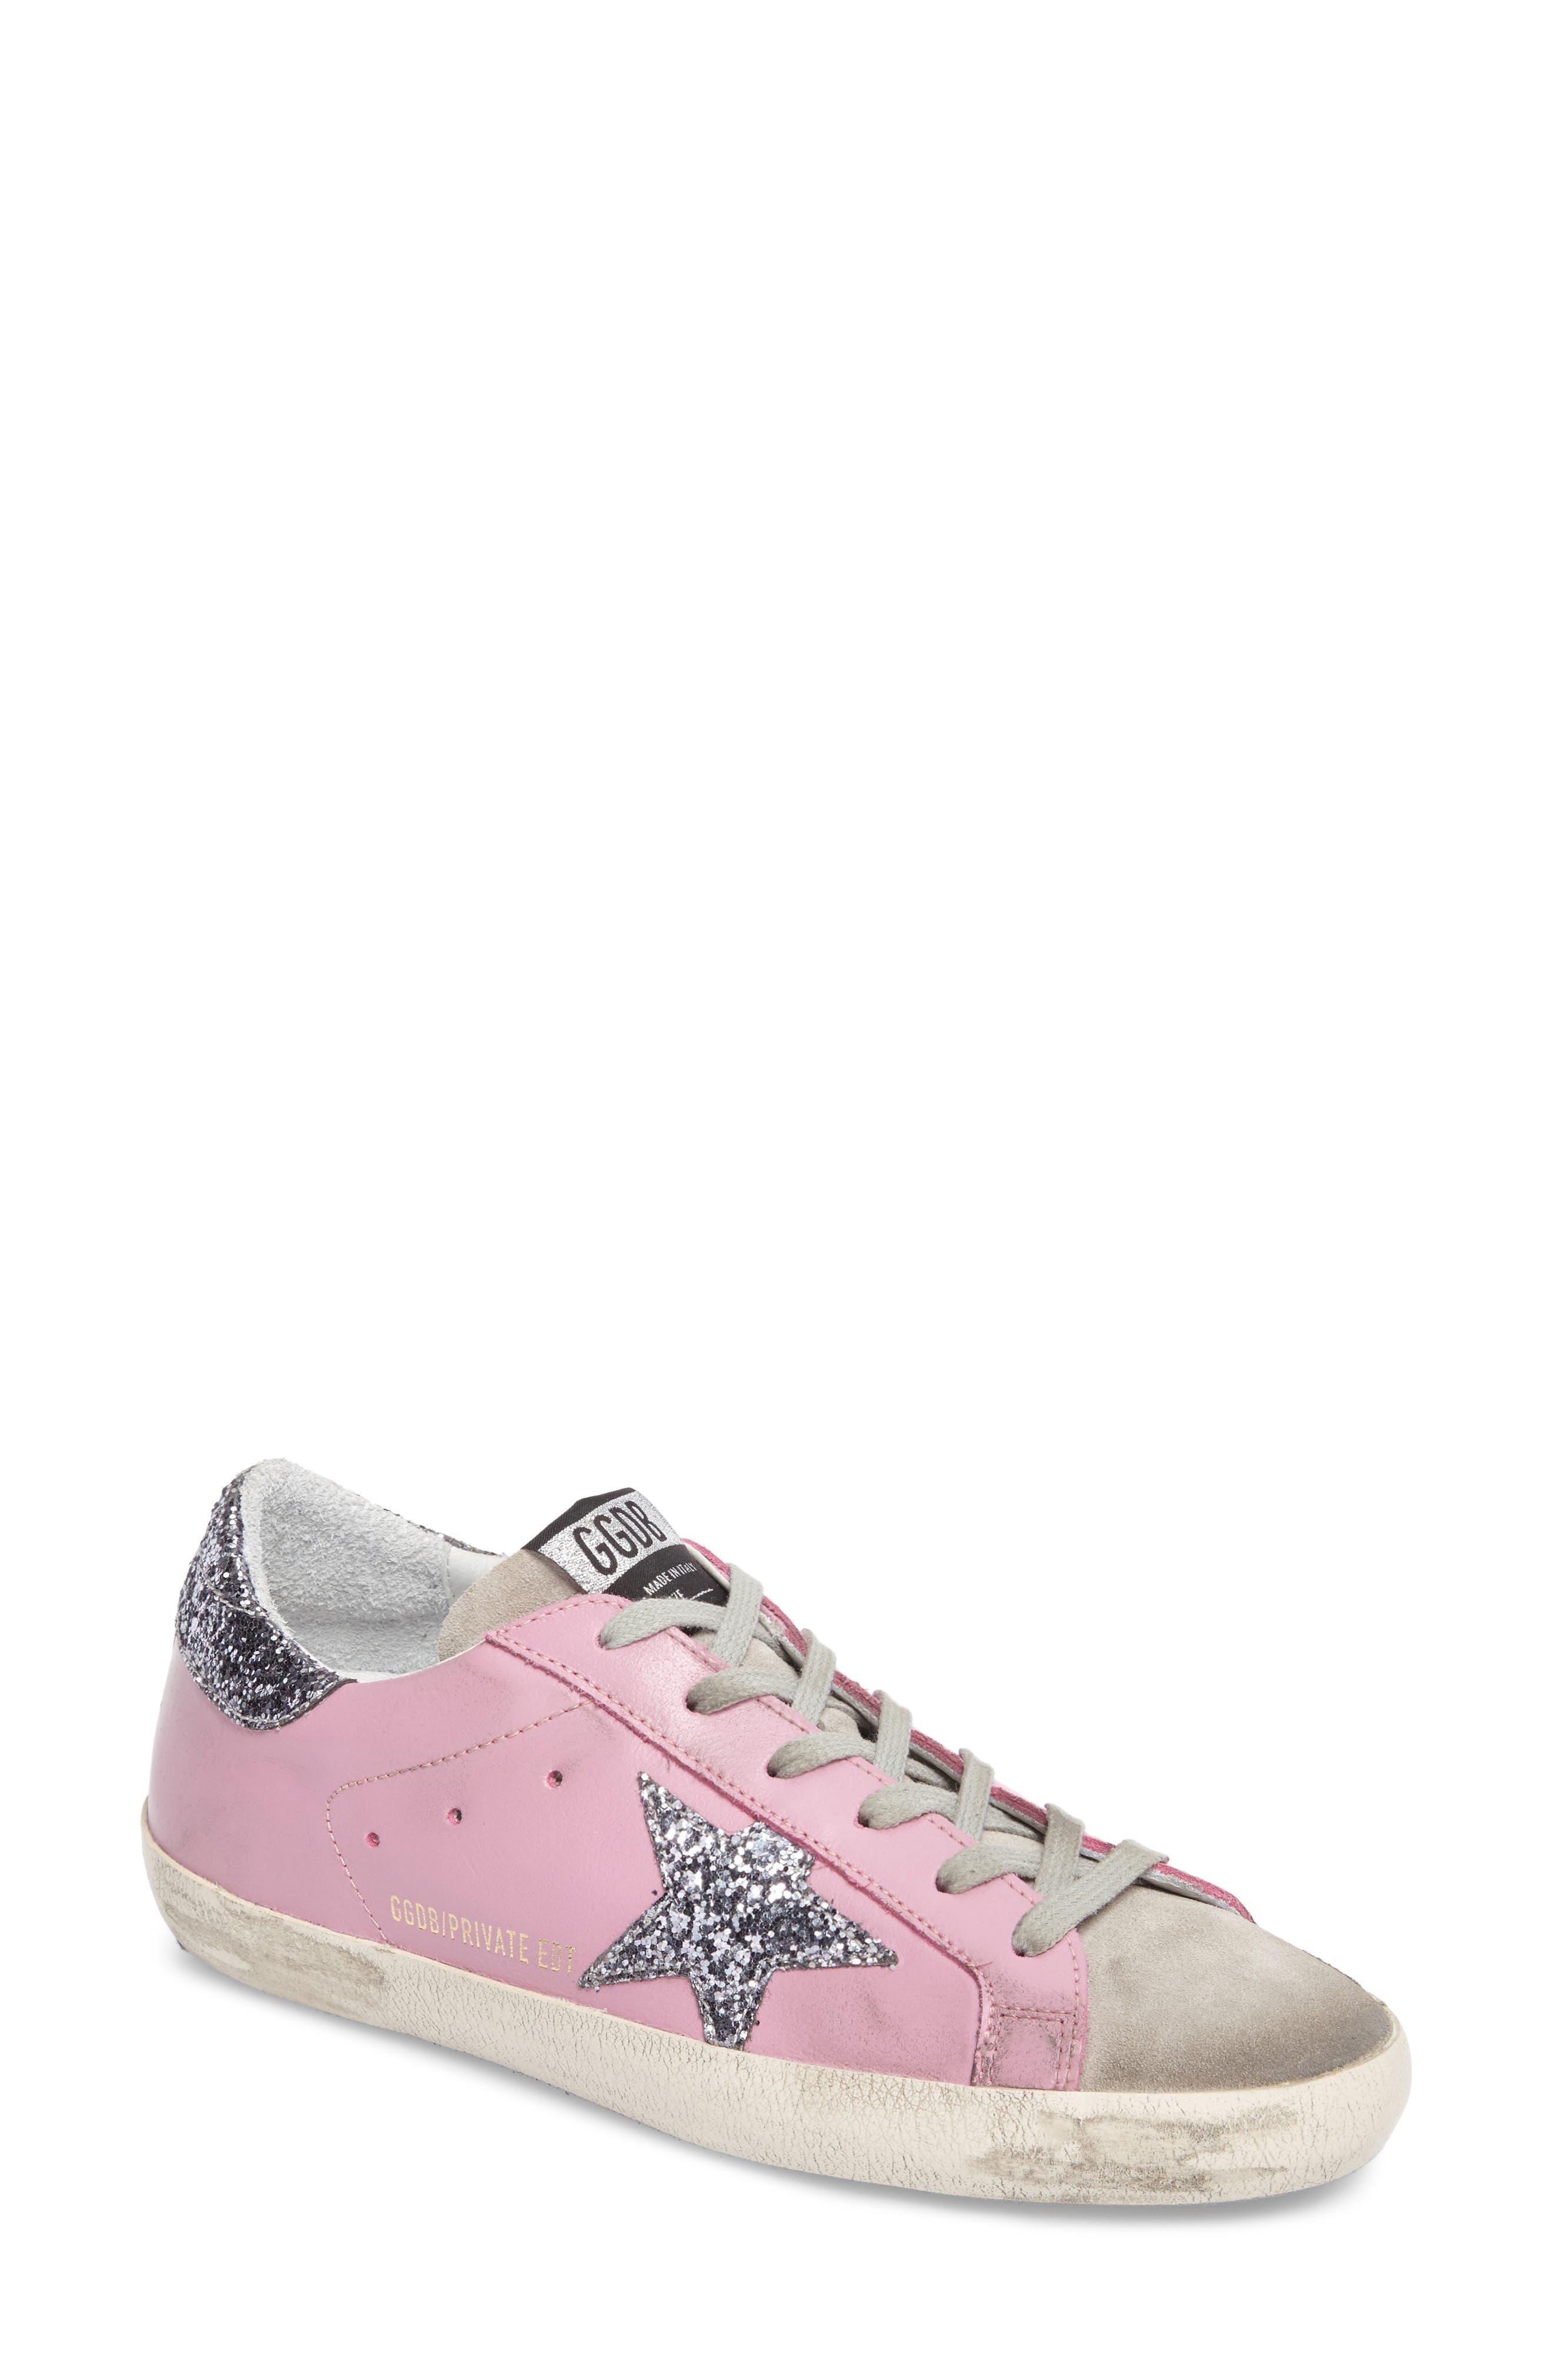 Superstar Low Top Sneaker,                         Main,                         color, 650